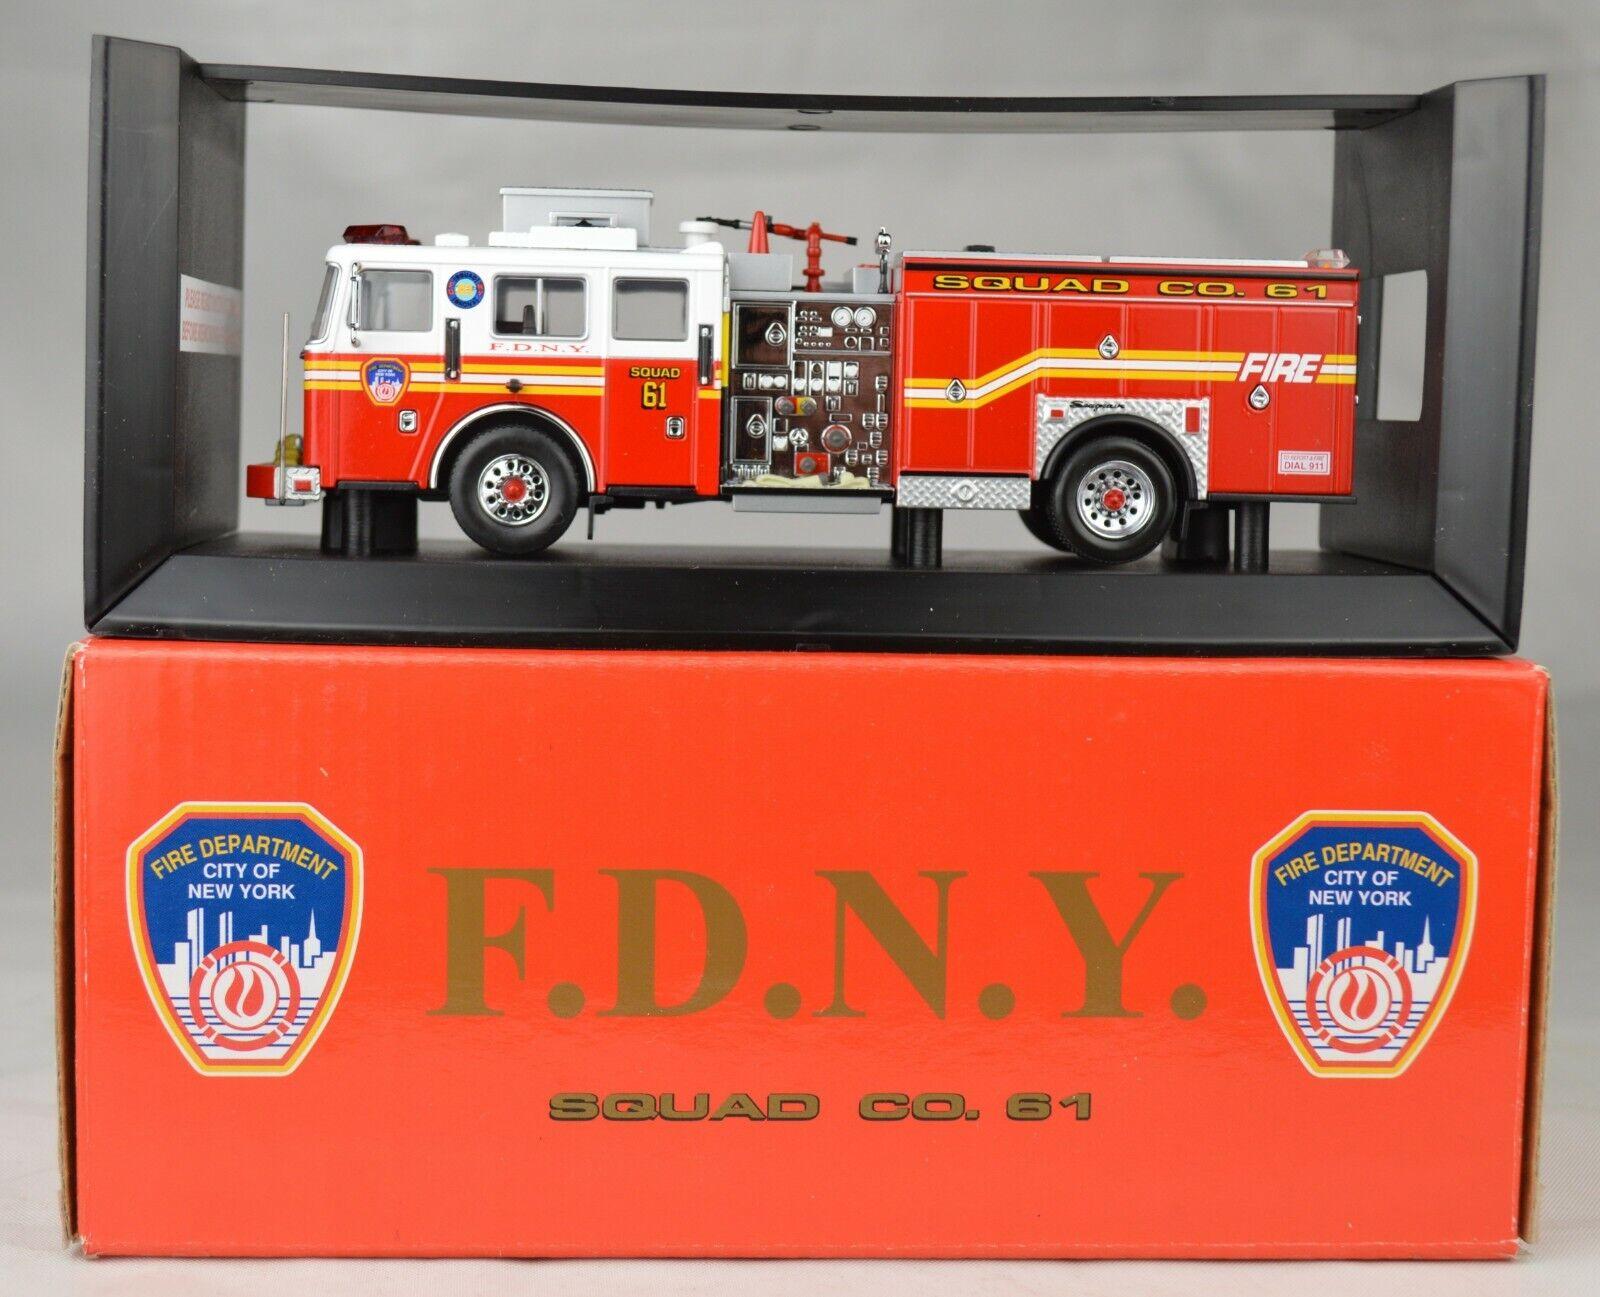 ahorre 60% de descuento Código 3  12654 Fd New York York York Seagrave escuadrón Co  61 camión de bomberos 5 3 4  Menta Con Caja  compras online de deportes